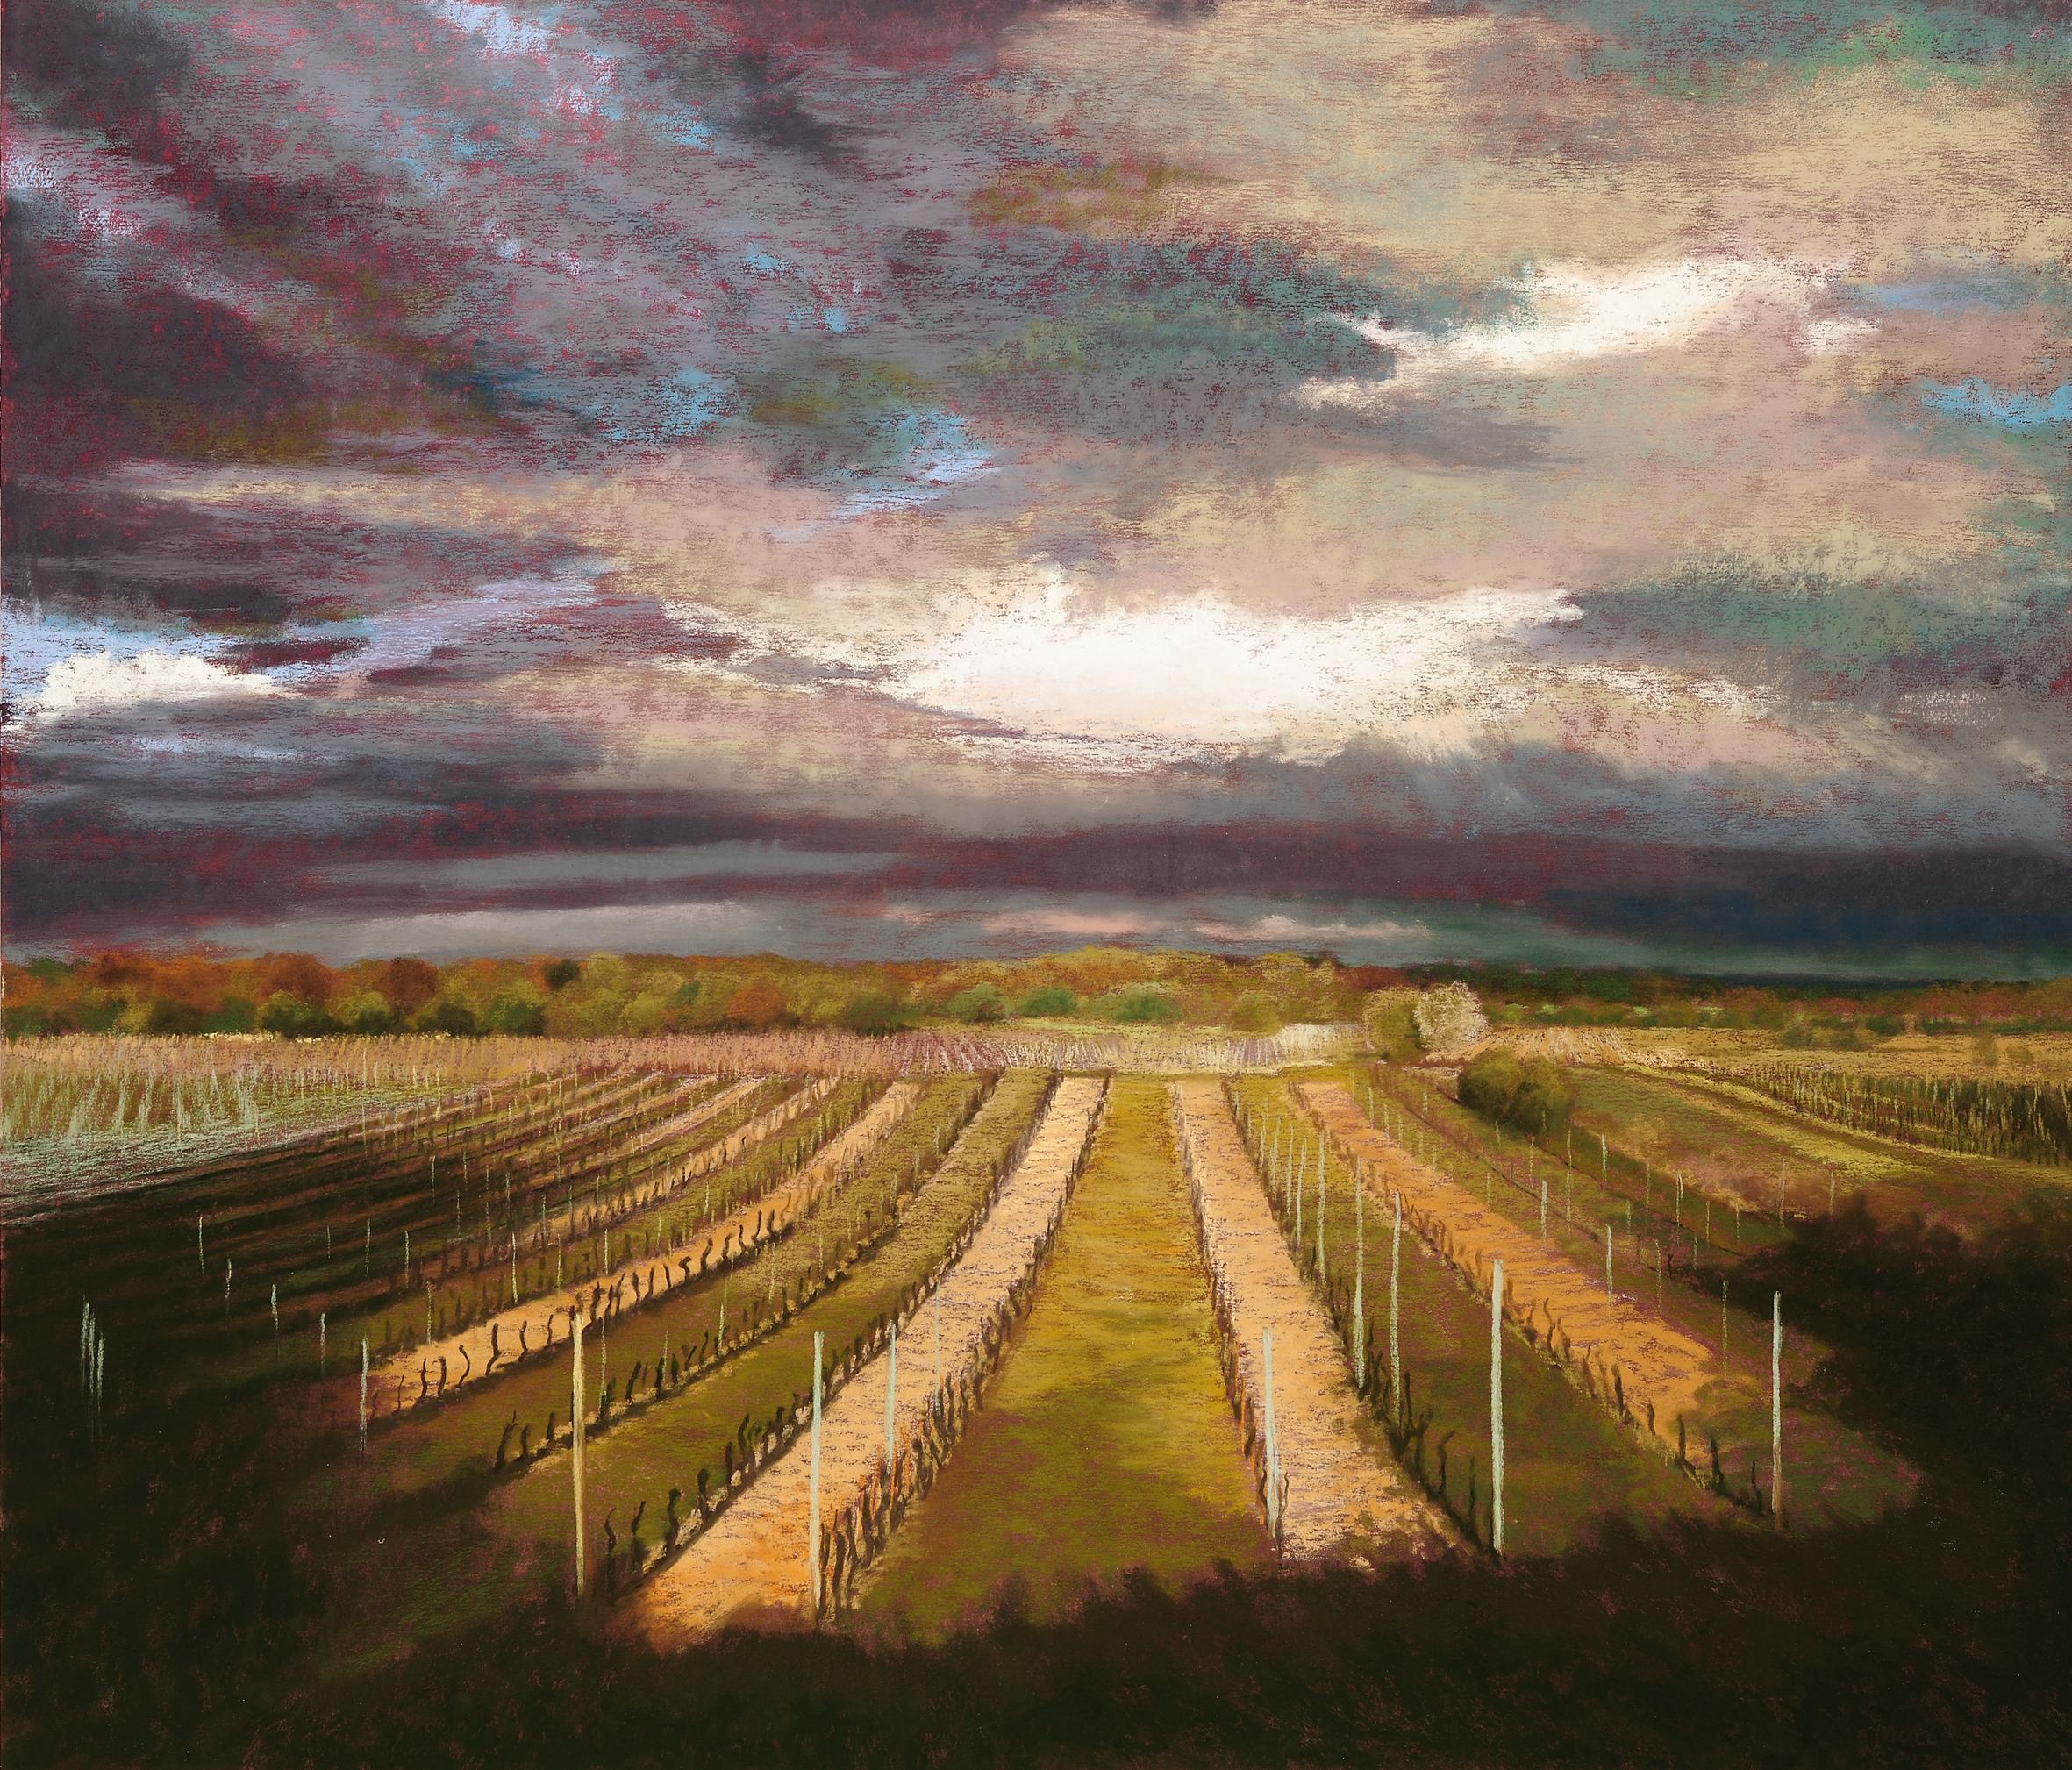 Hommage an Rheinhessen No. 20, Pastell, 61 x 70 cm, 2011